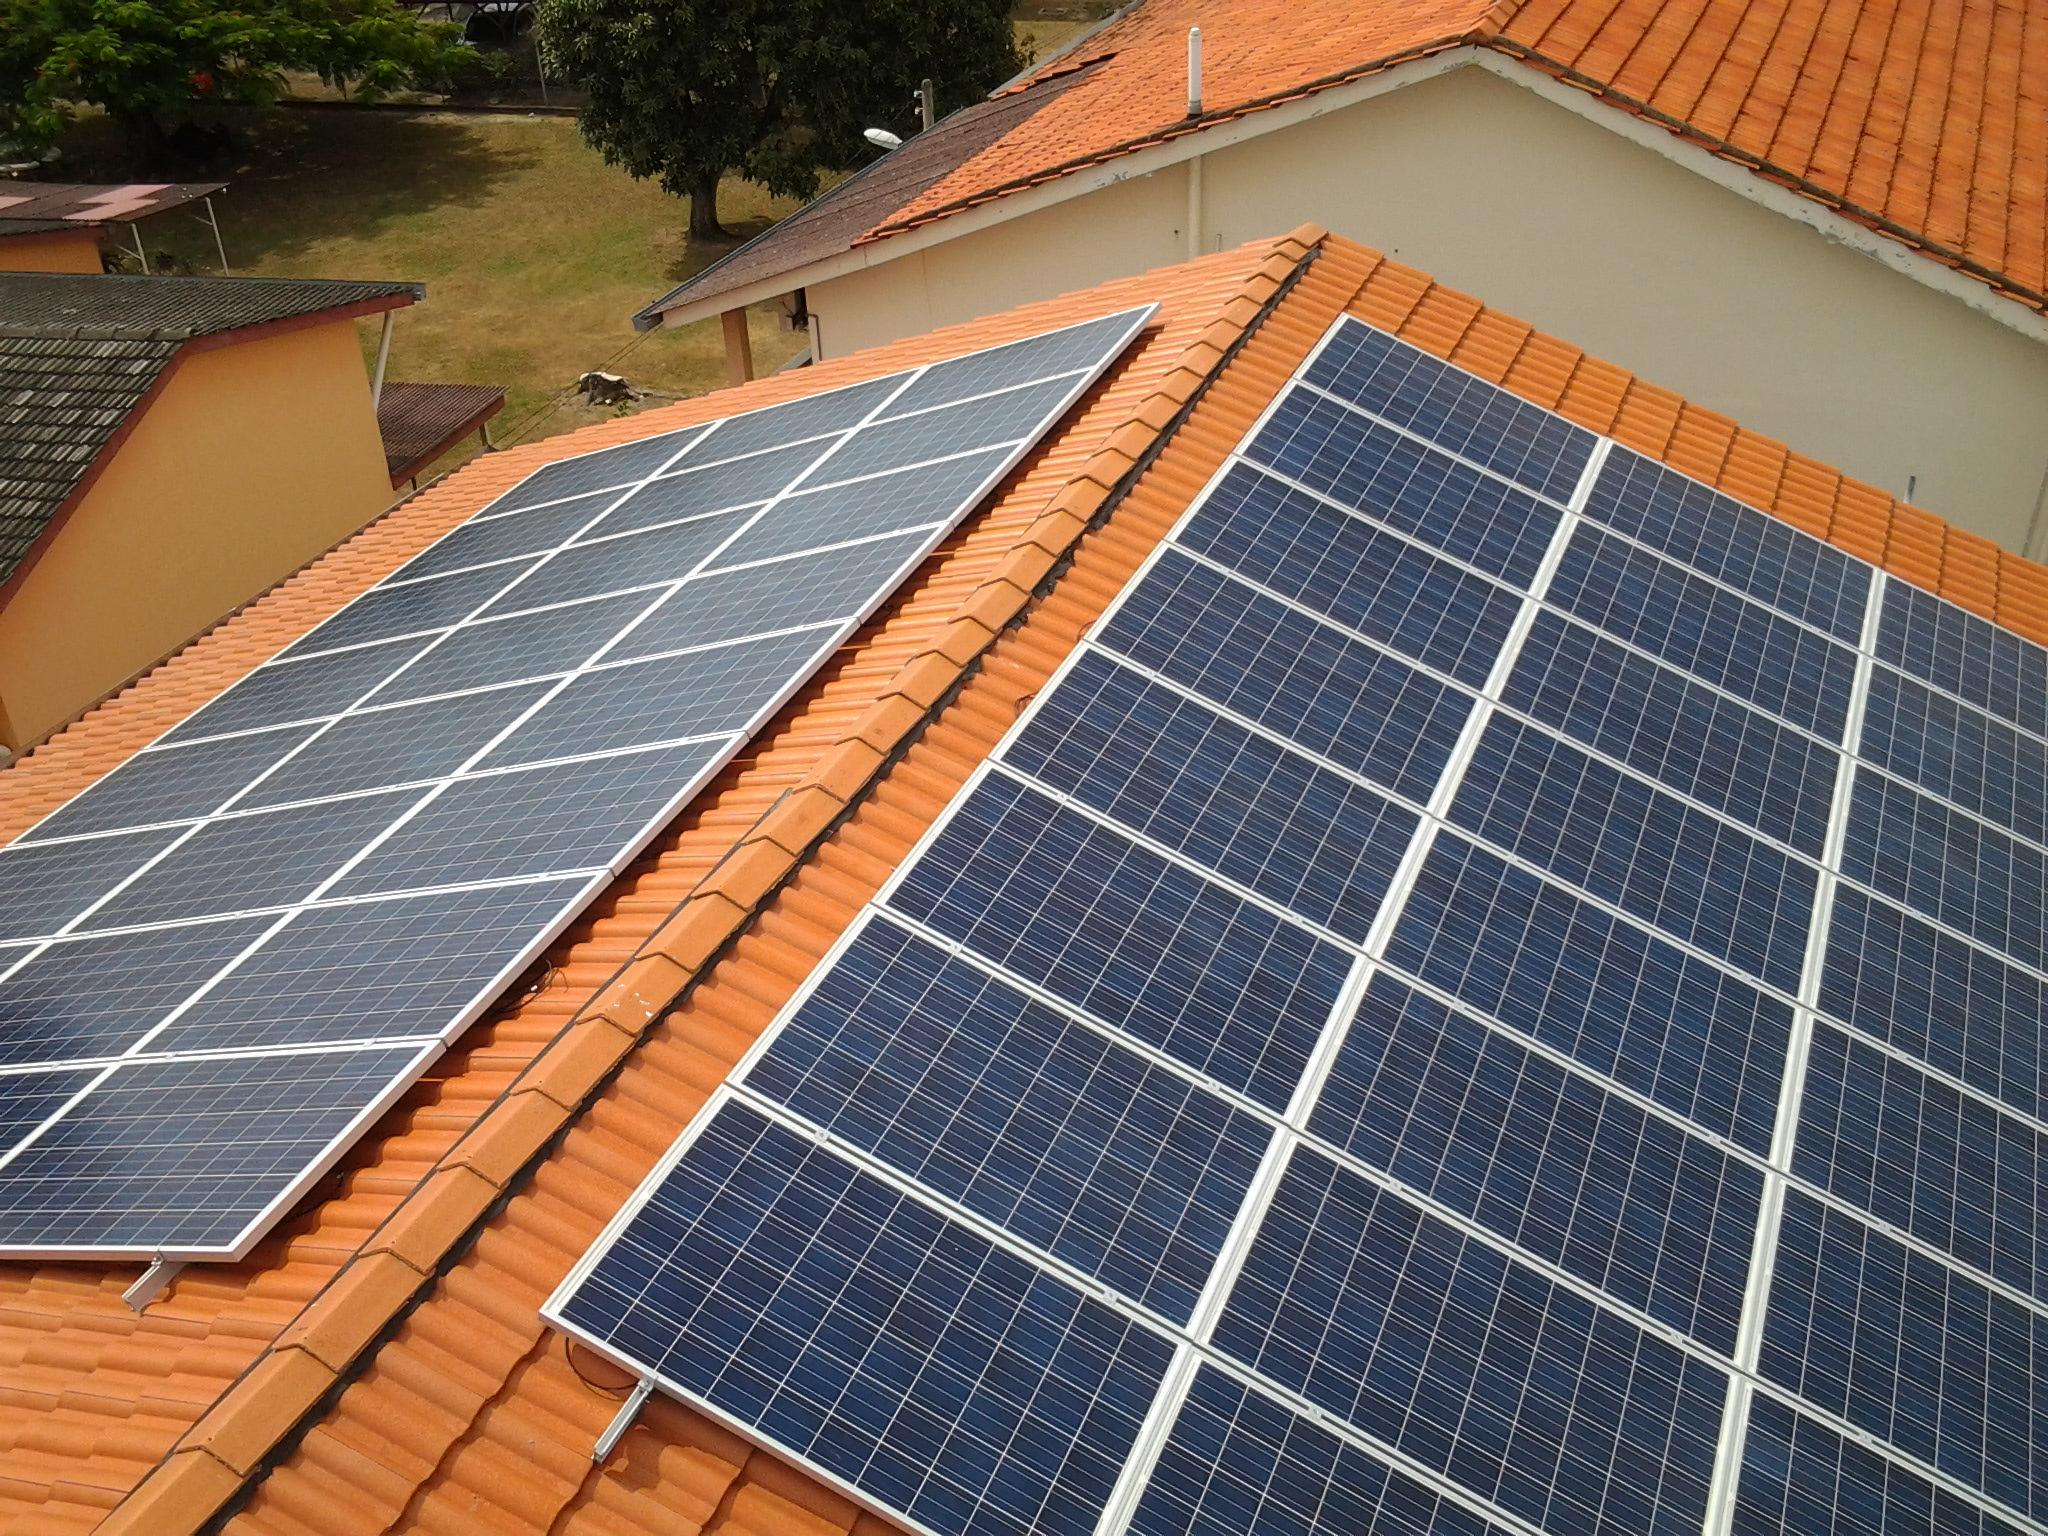 Solar Roof Residence Penang Bagan Luar 12kW